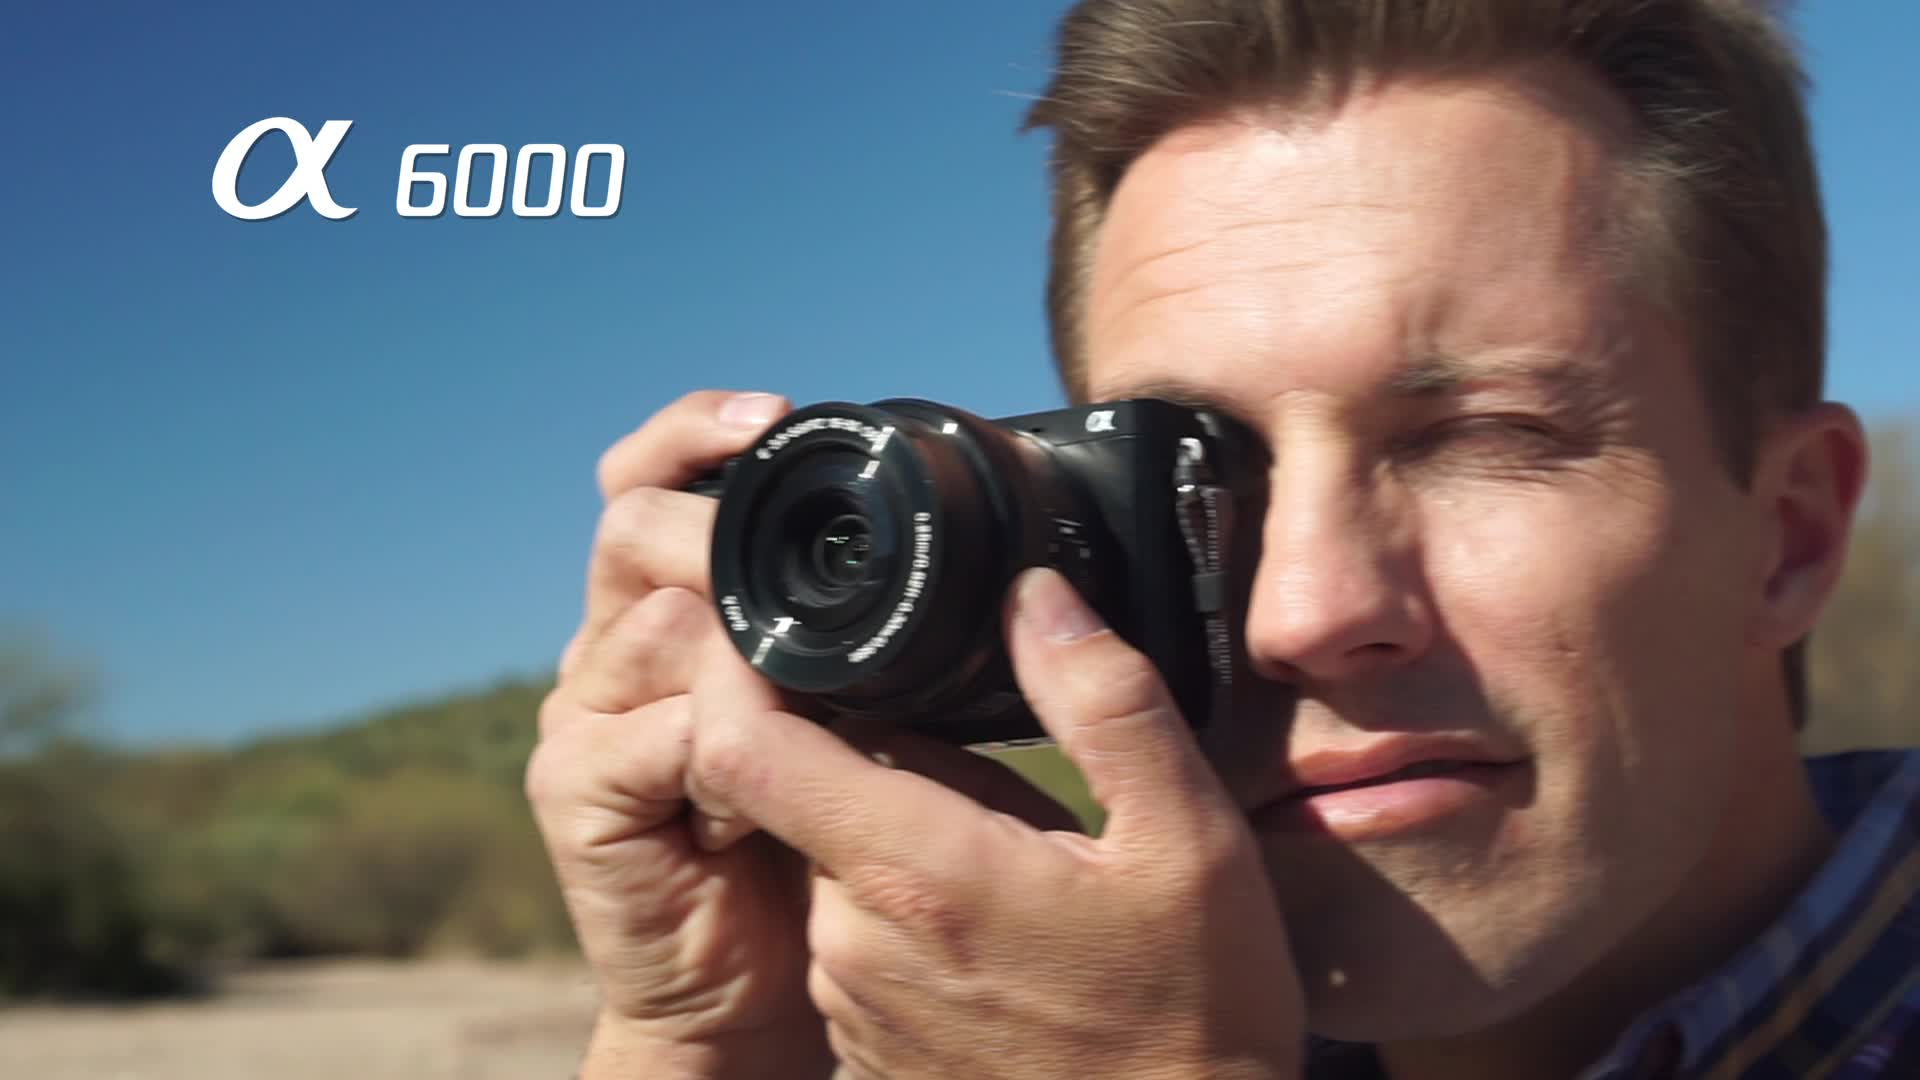 α6000 Mirrorless Interchangeable-lens Camera